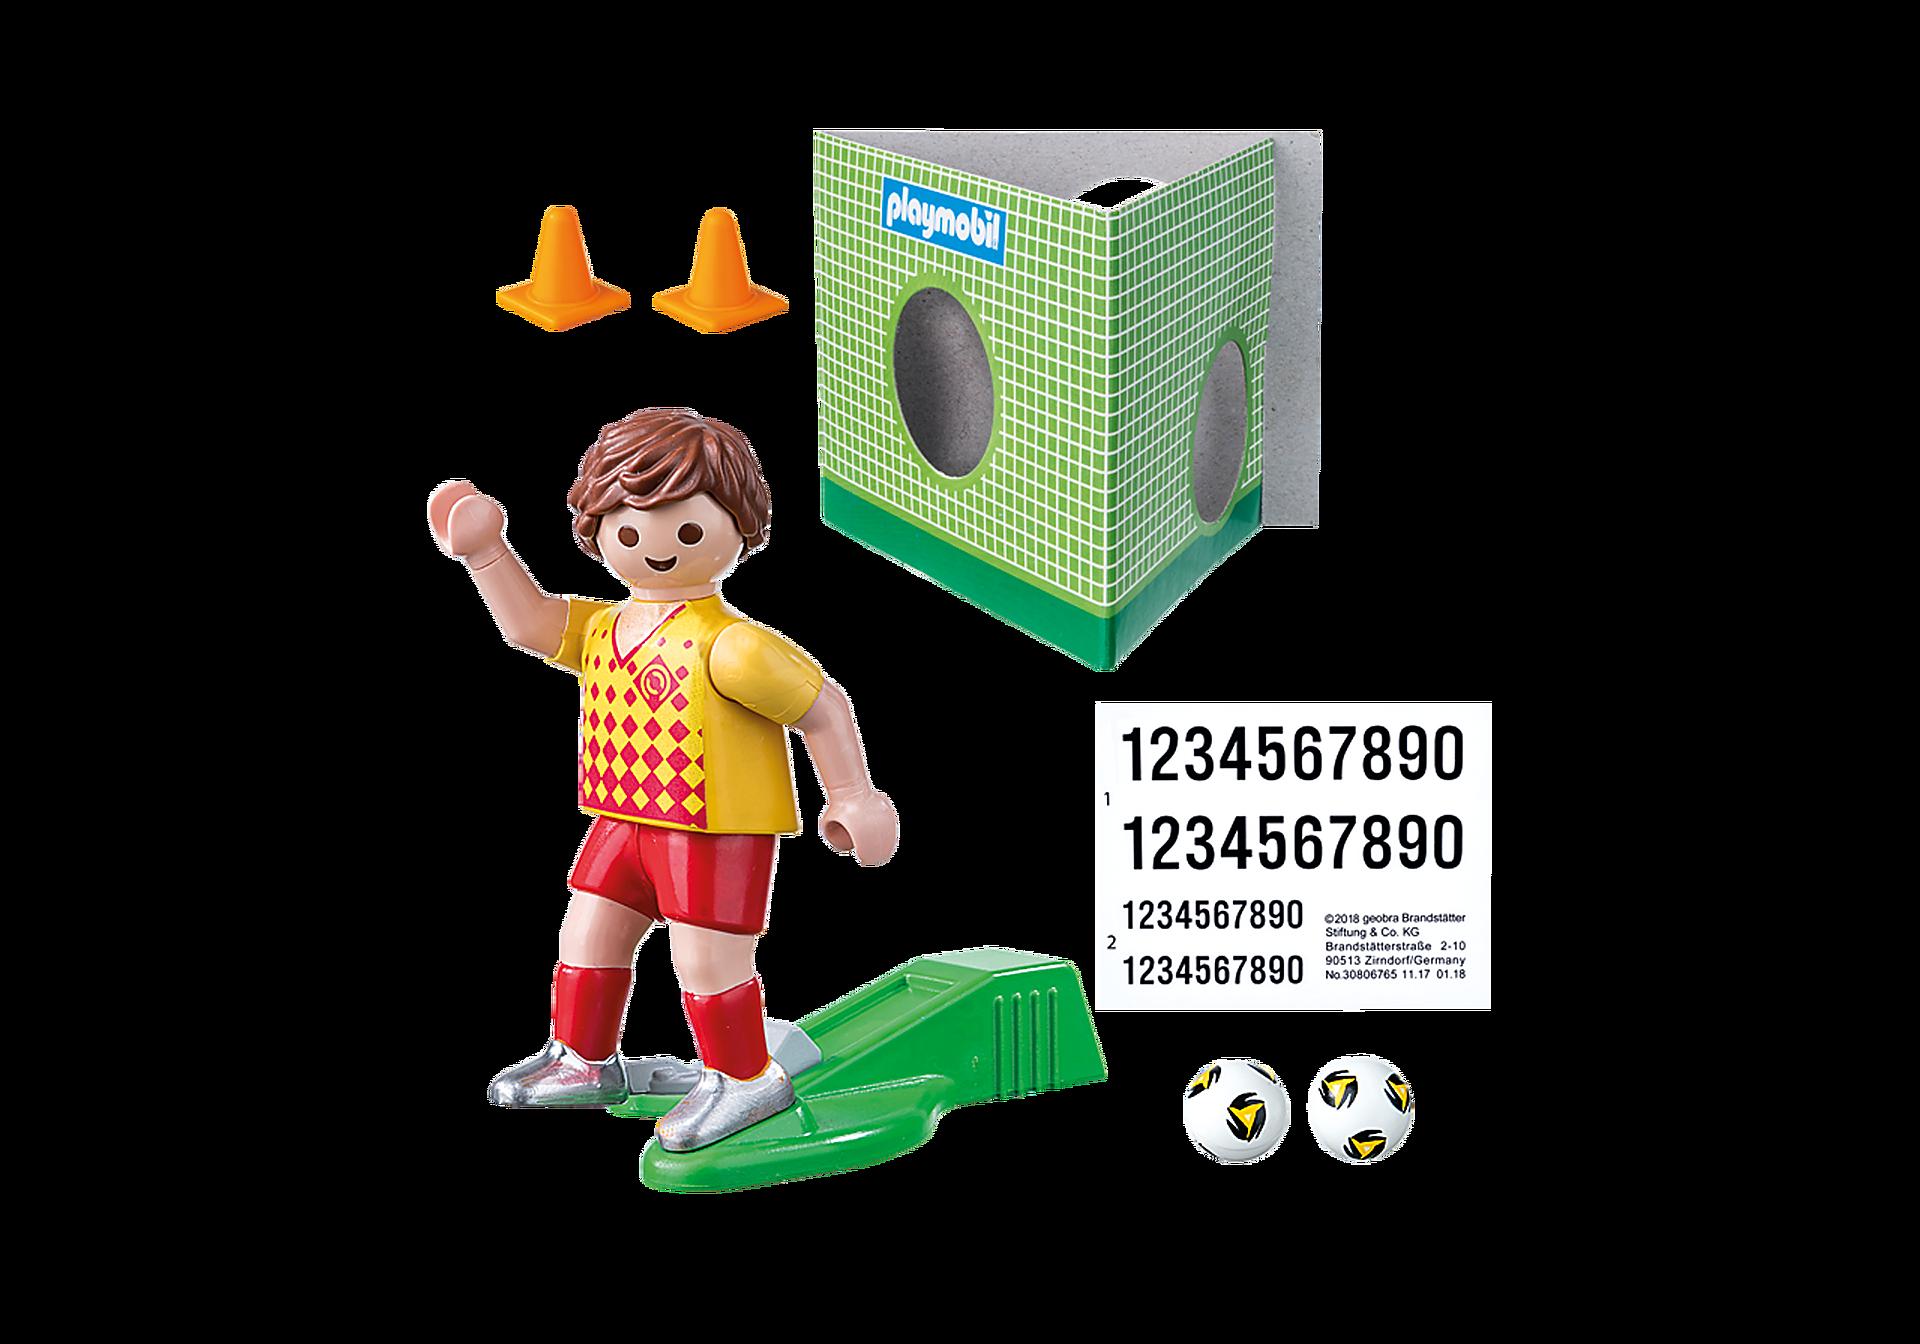 70157 Jogador de Futebol com Baliza zoom image3